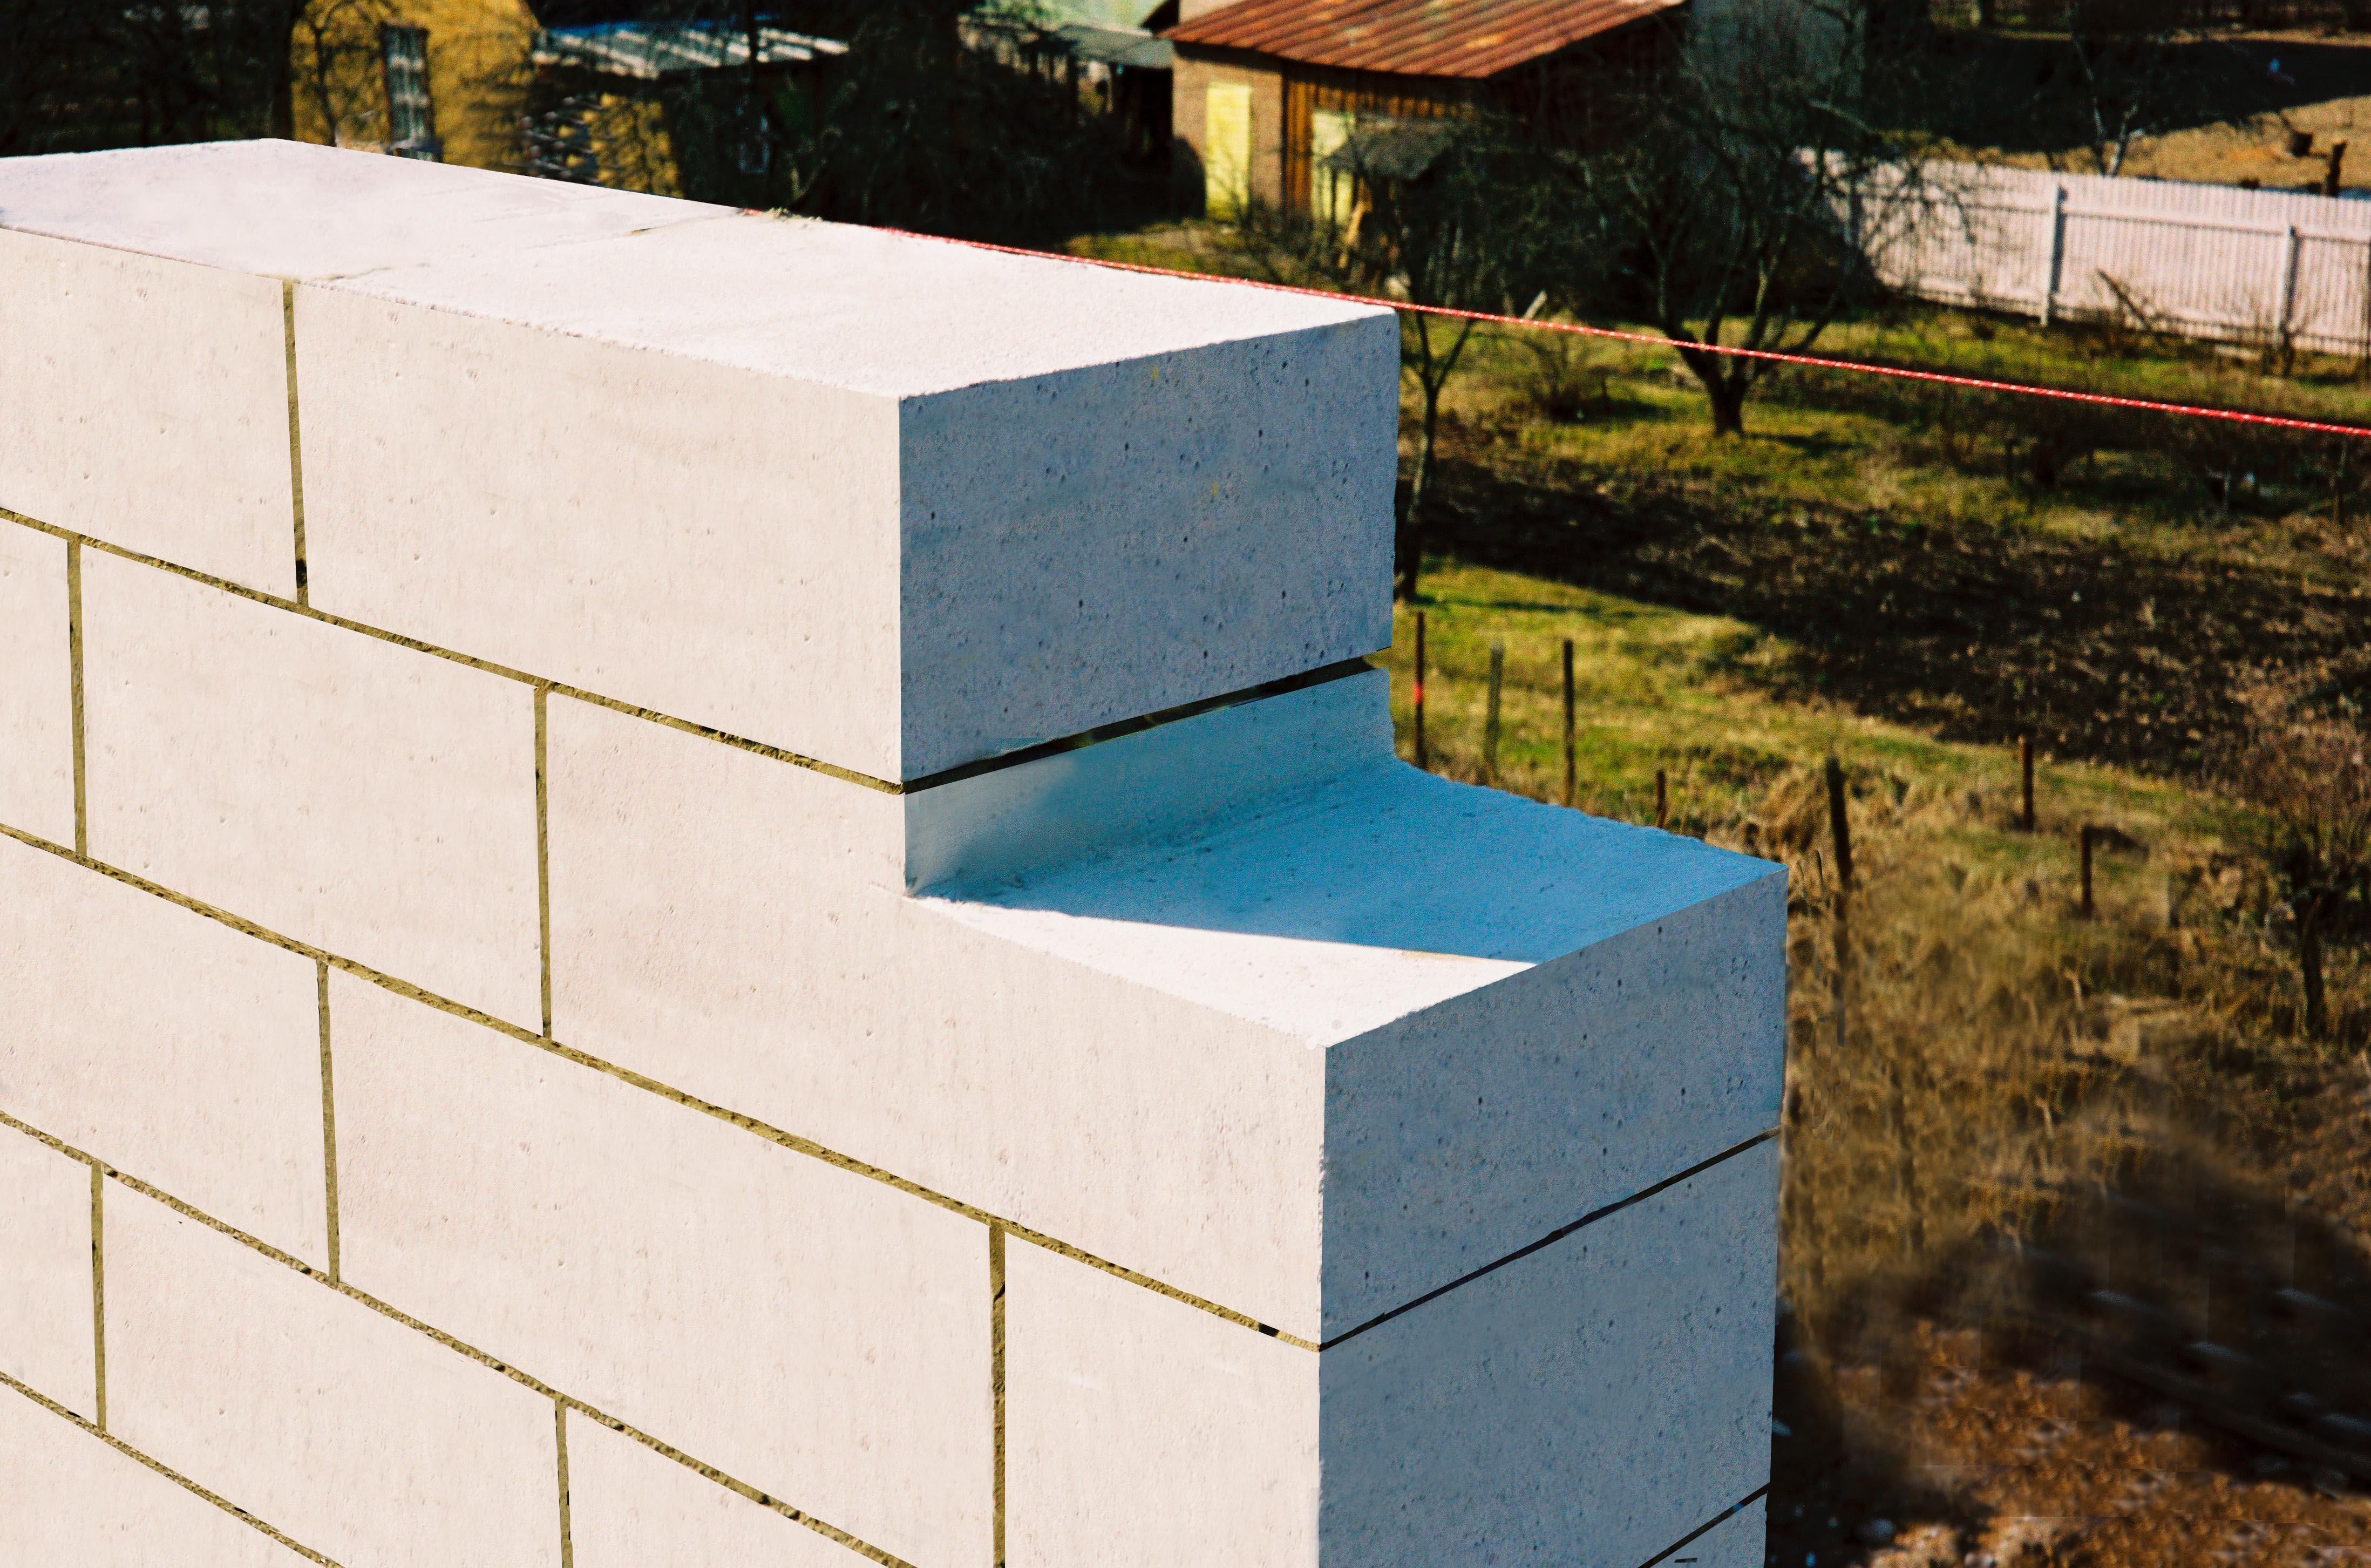 пеноблок для строительства дома цена